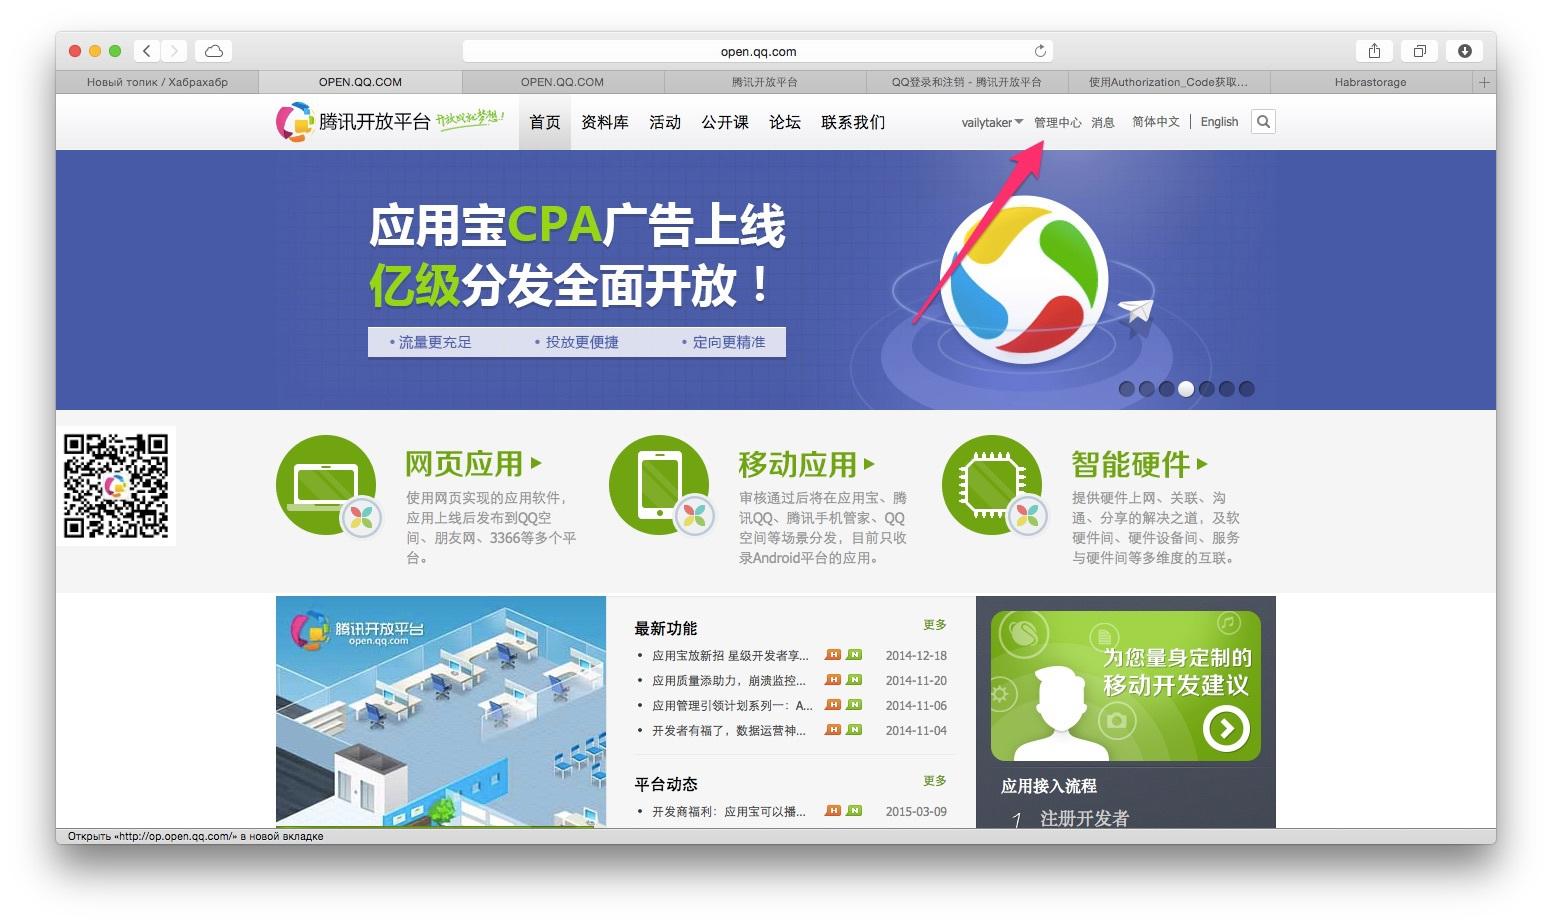 Авторизация через китайские соцсети